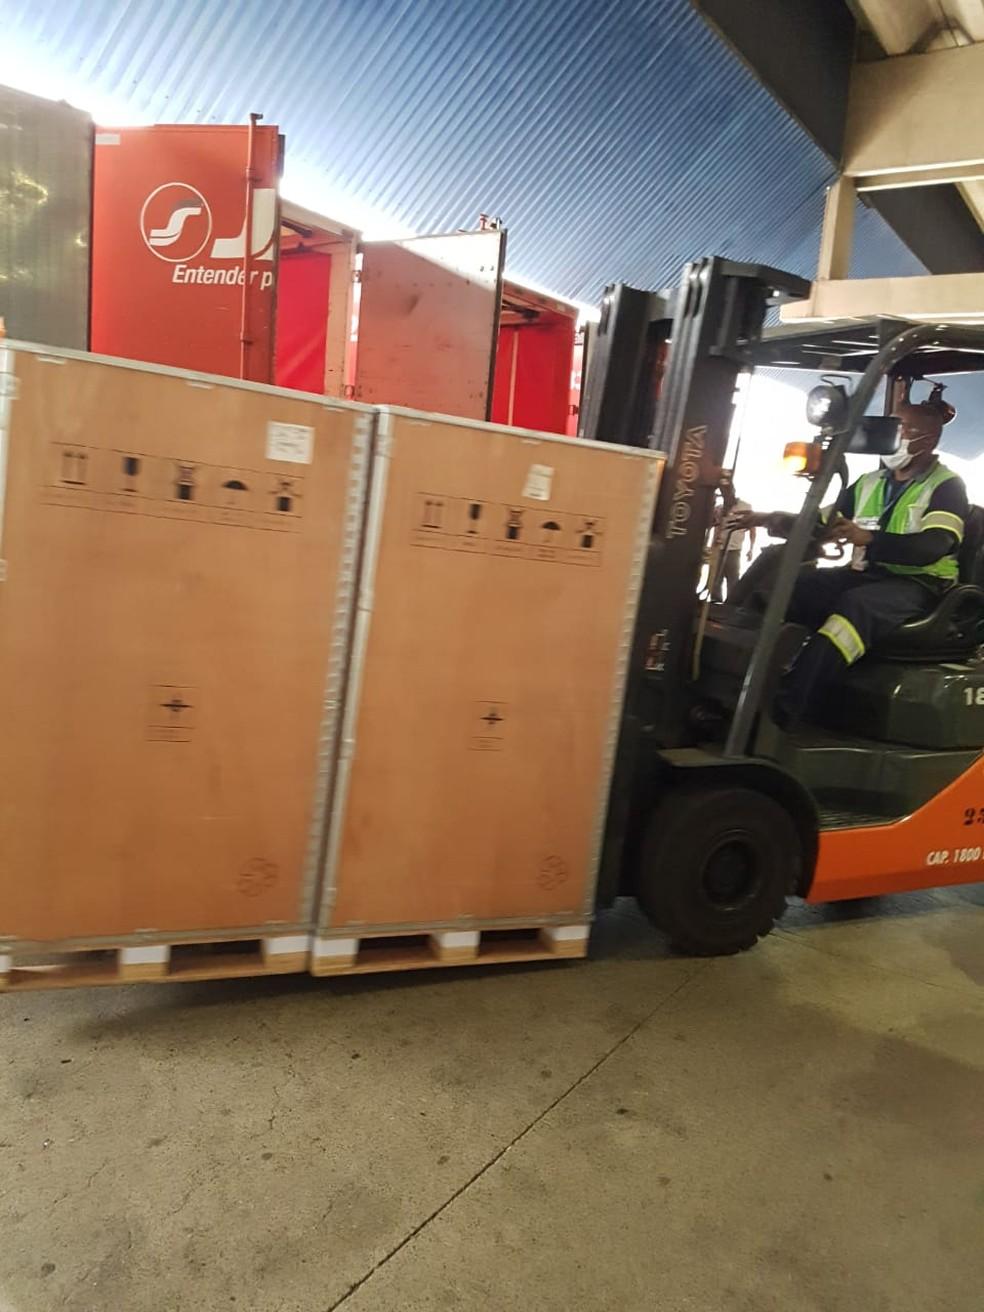 Carregamento de equipamentos de anestesia que serão usados como respiradores em São Paulo que chegaram em junho ao Aeroporto Internacional de Guarulhos — Foto: Divulgação